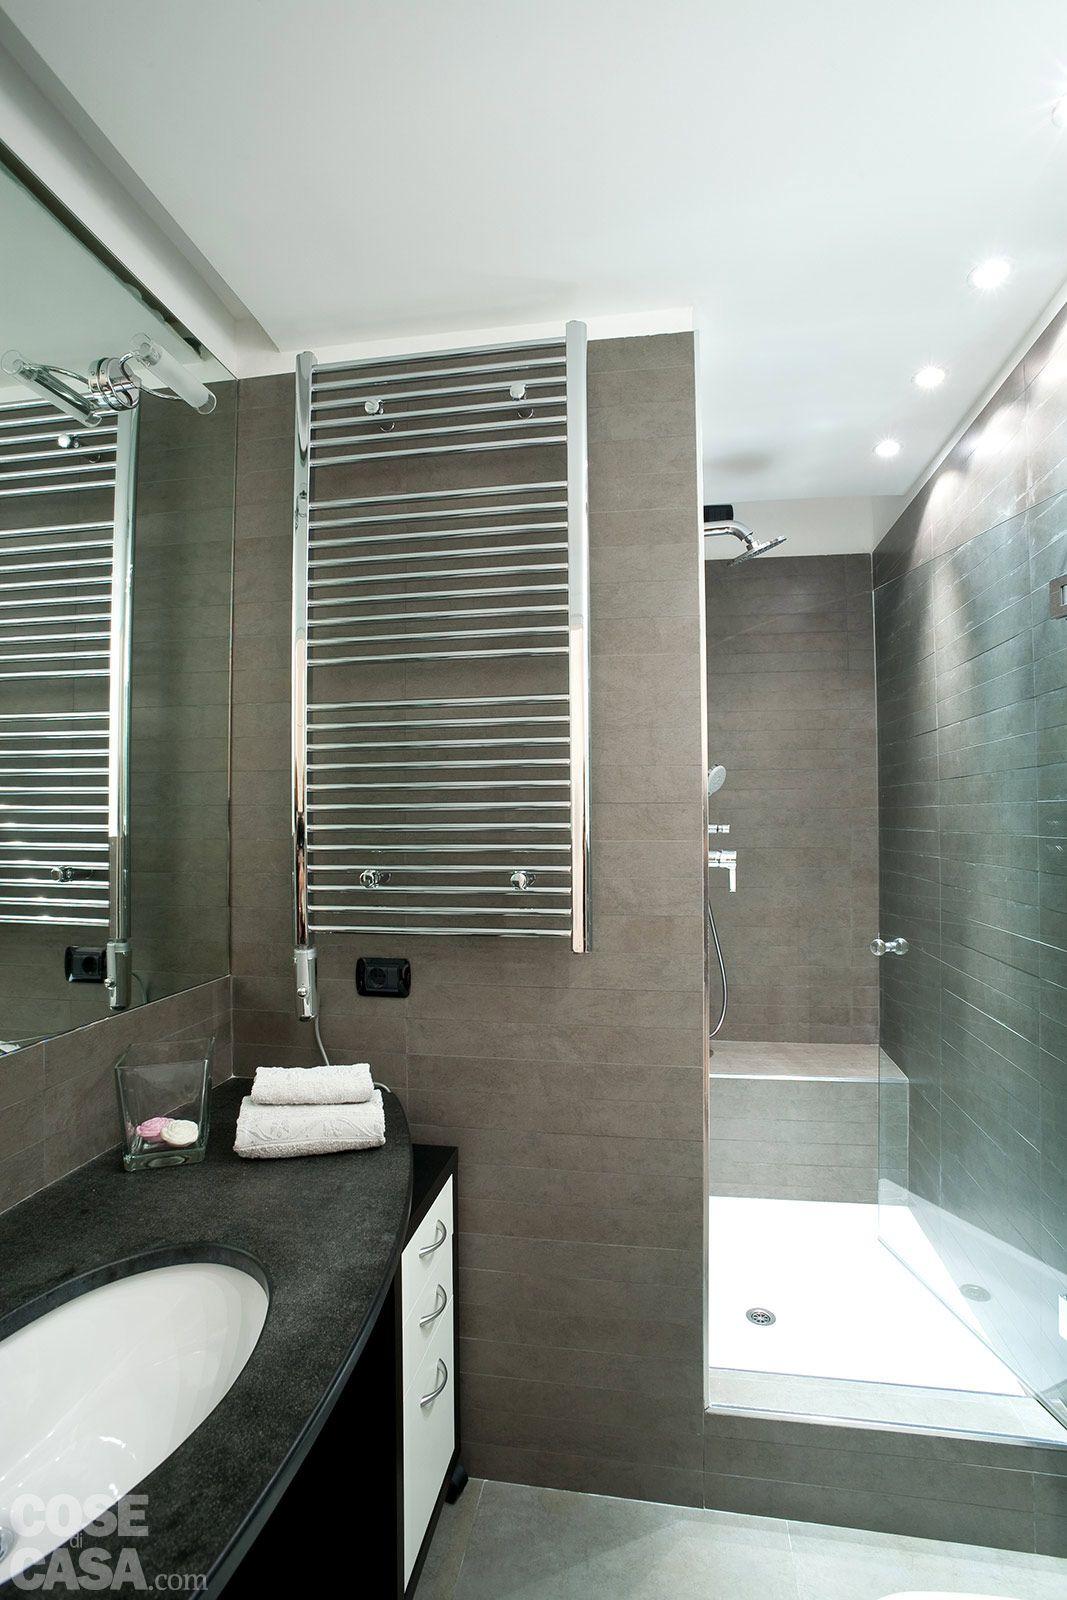 Bagni Moderni Piccole Dimensioni.Carta Parati Bagno Design Per La Casa E Idee Per Interni